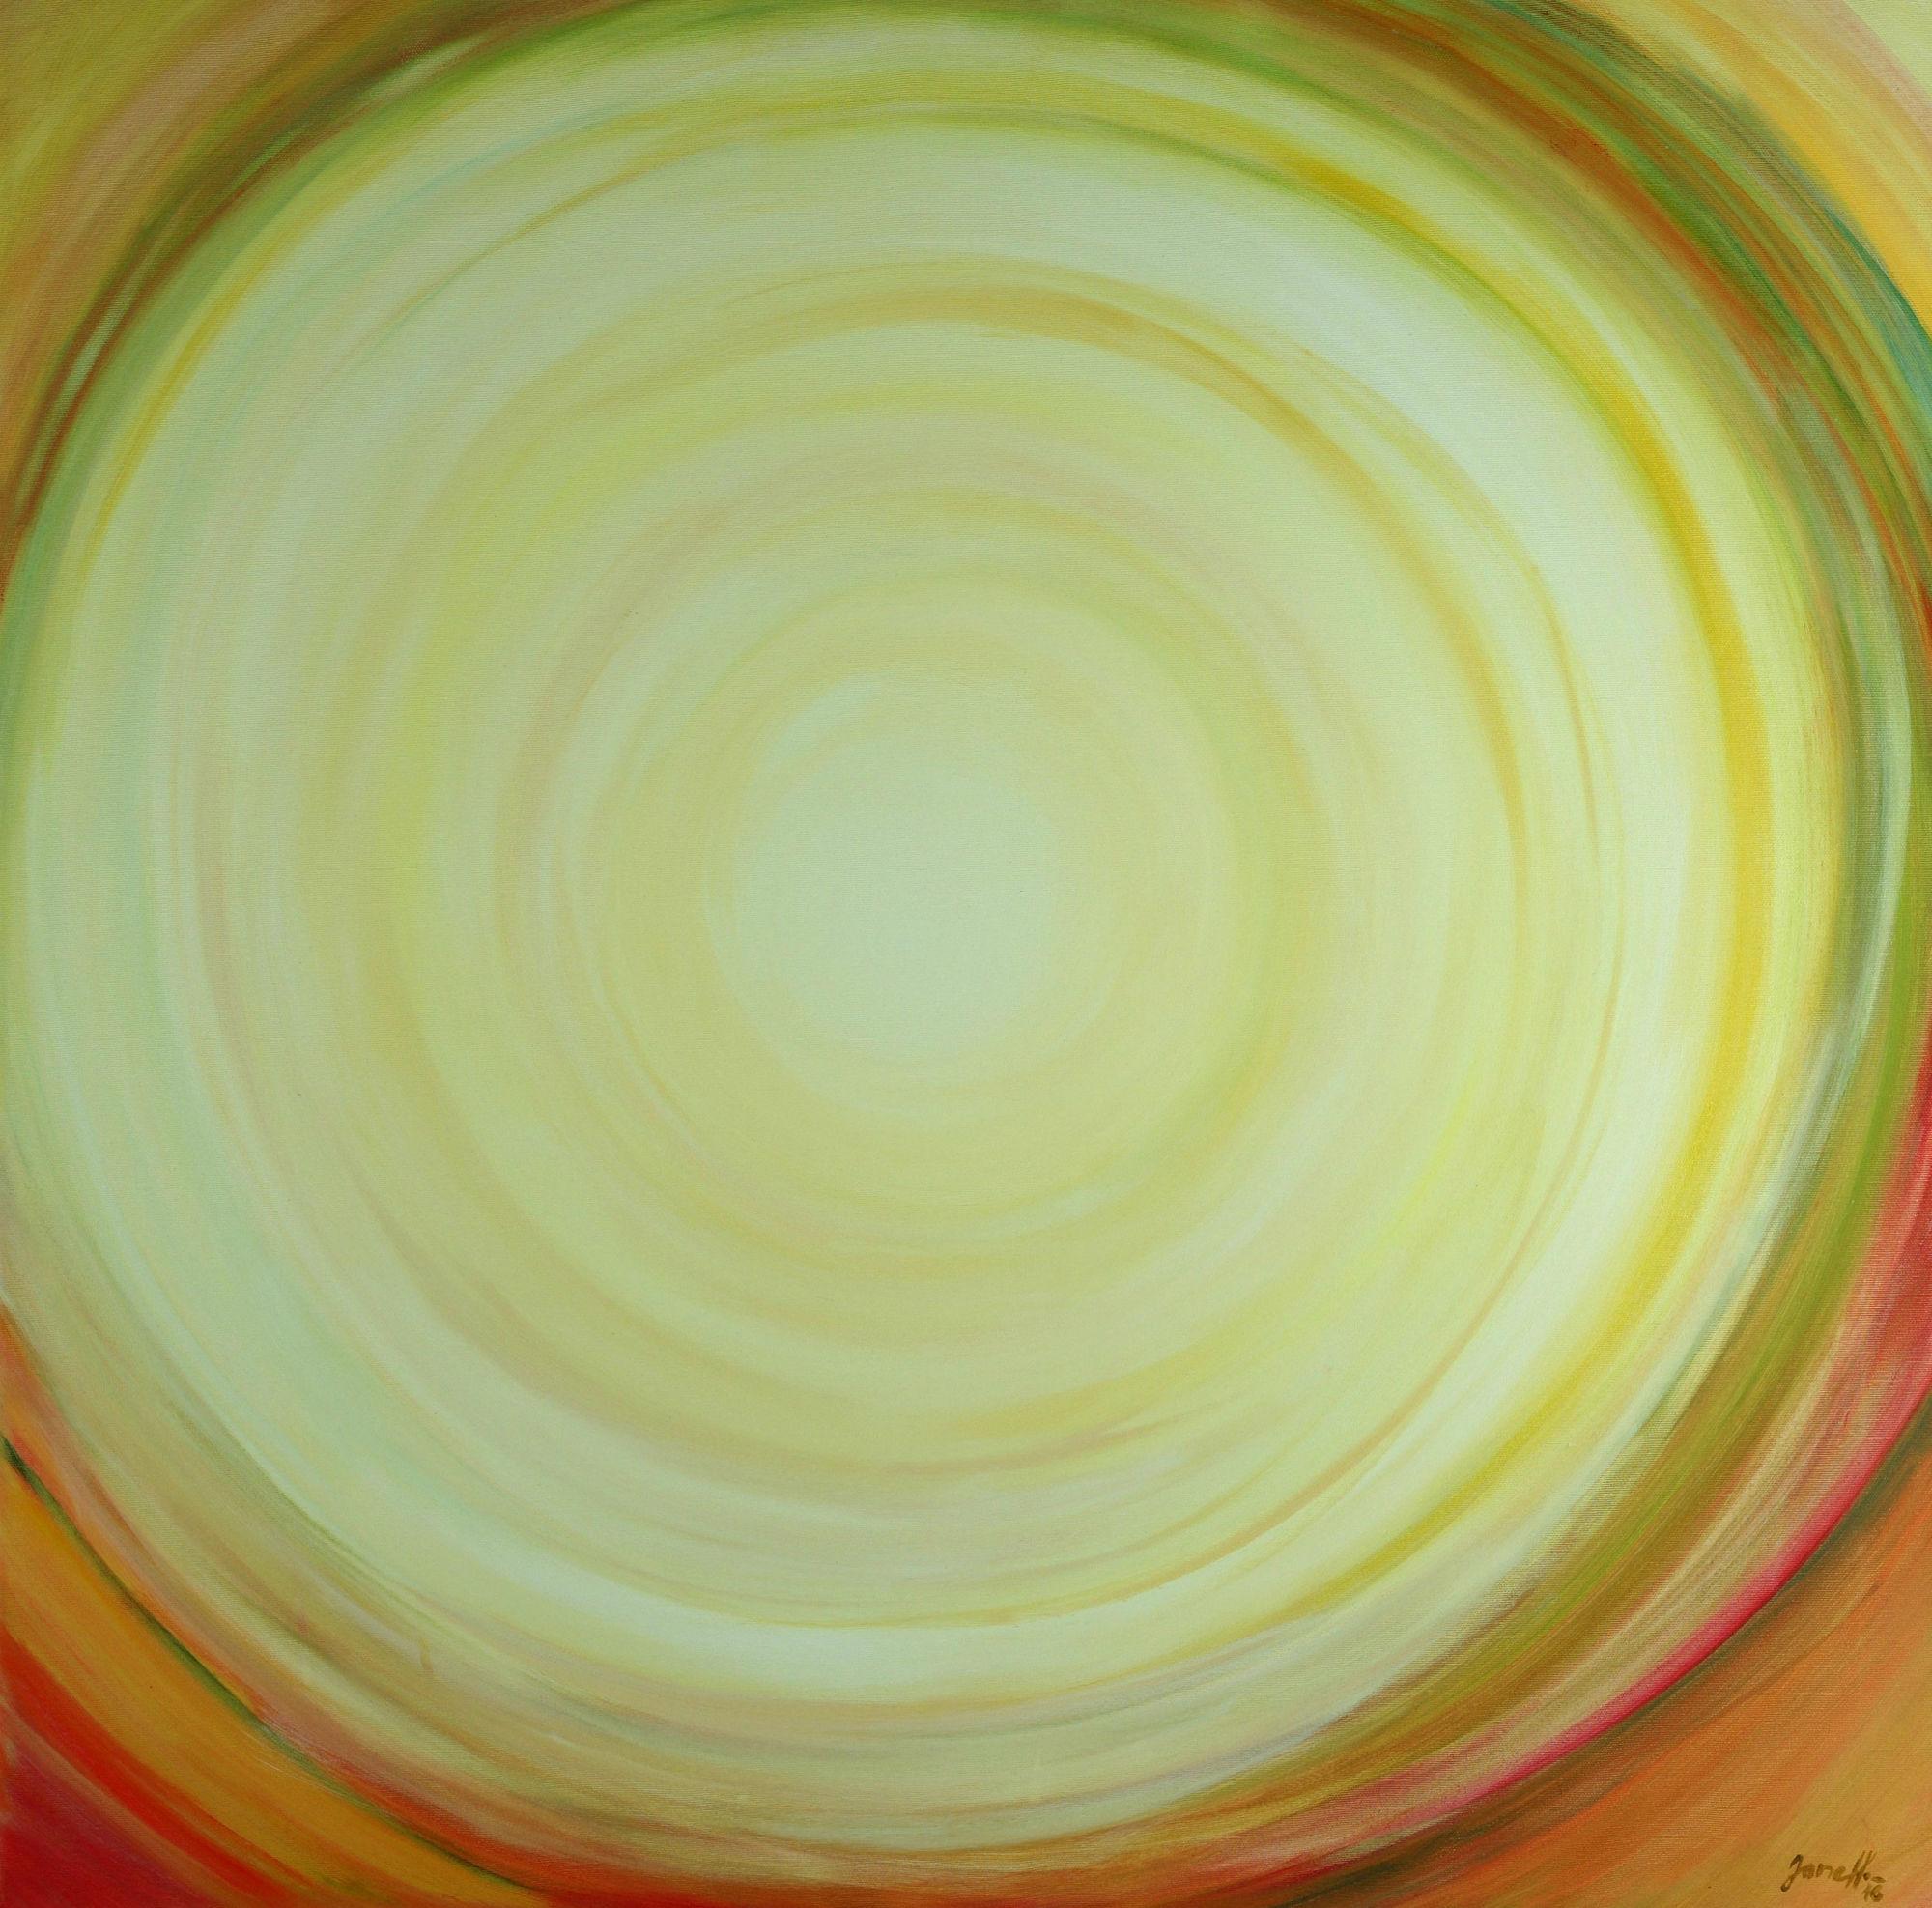 Moderní abstraktní obraz